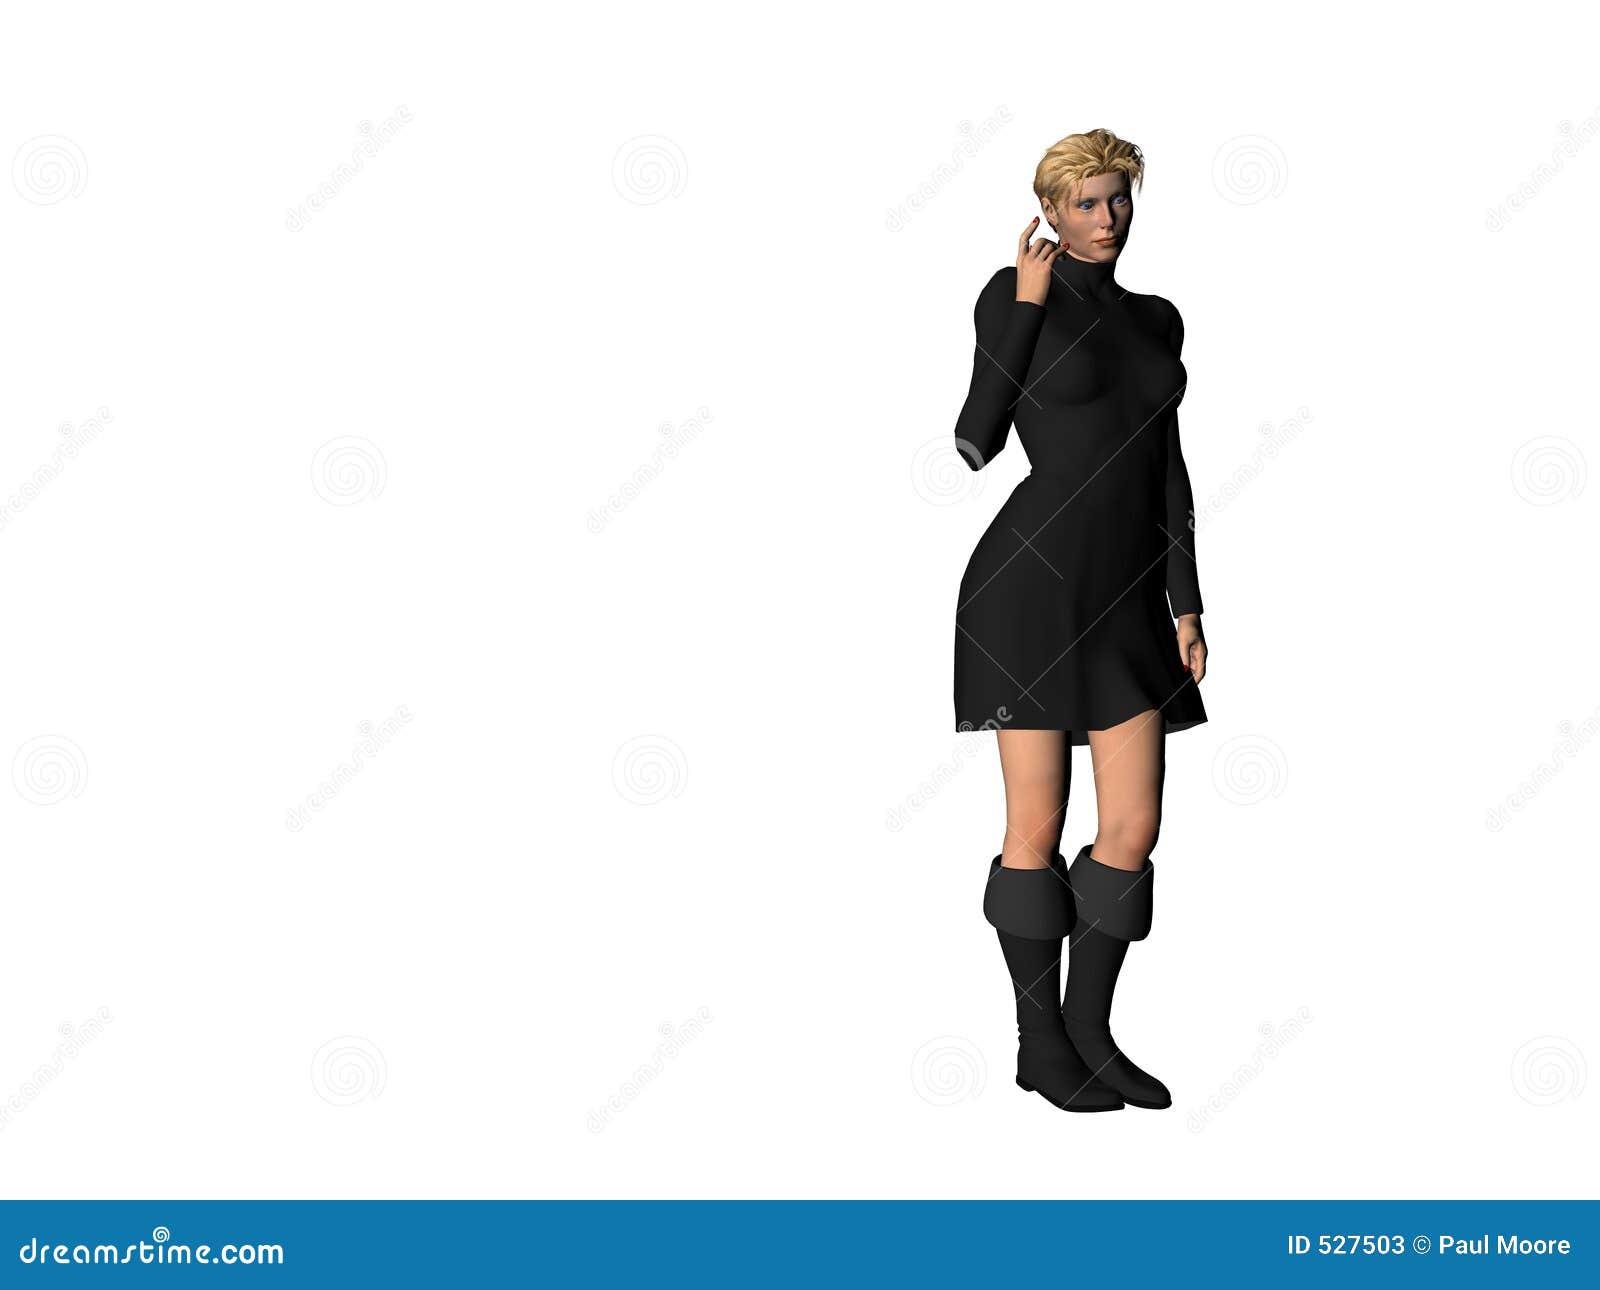 Download 11黑人礼服女孩 库存例证. 插画 包括有 正餐, 照片, 女孩, 时髦, 豪华, 当事人, 突出, 五颜六色 - 527503